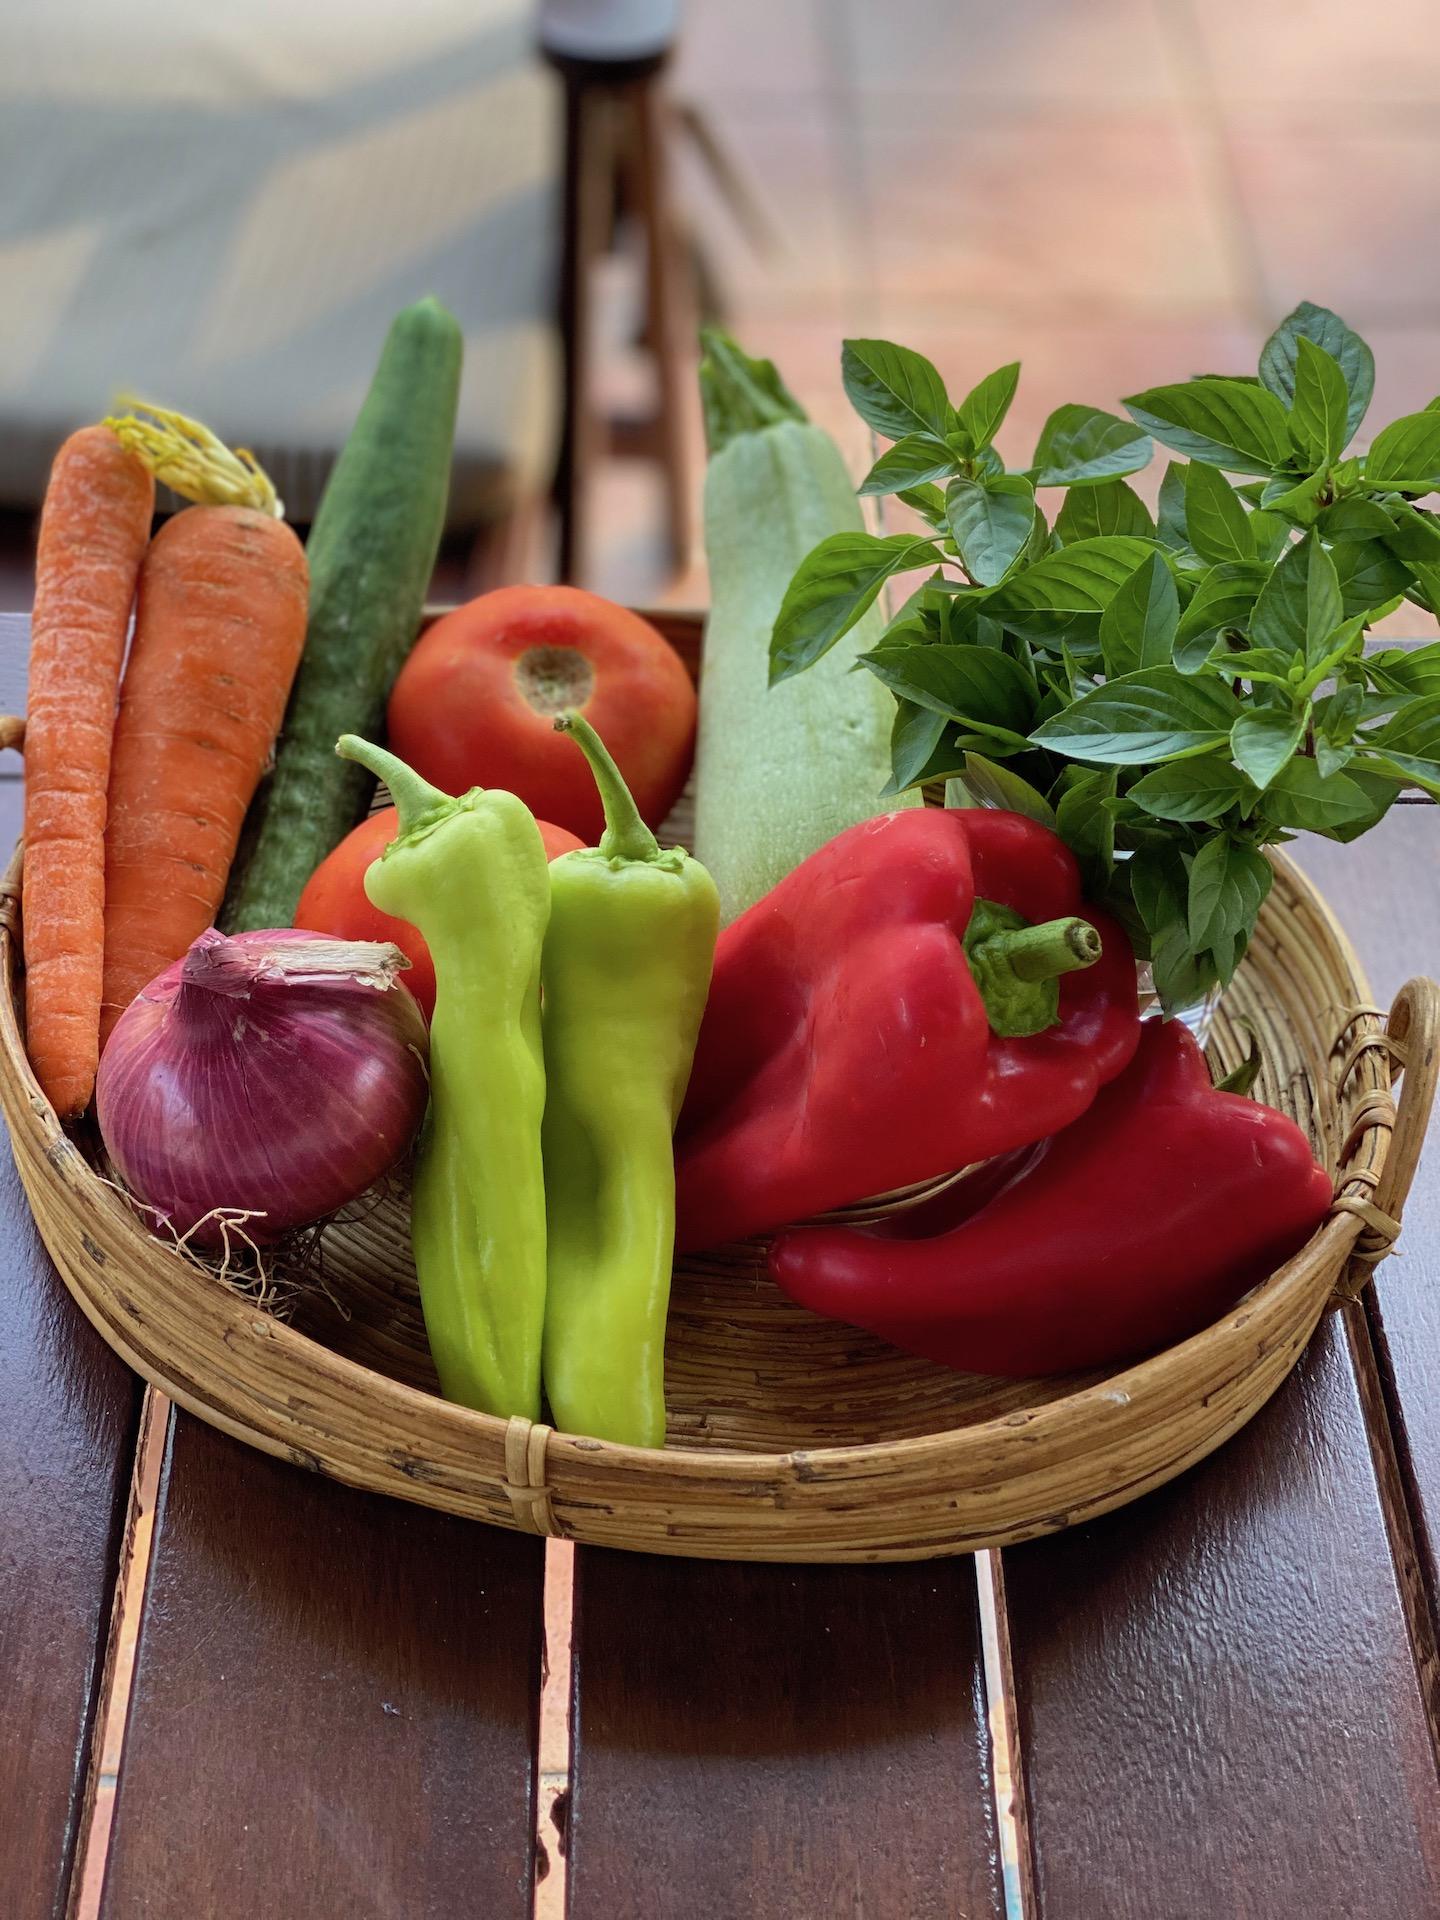 λαχανικά σε καλάθι